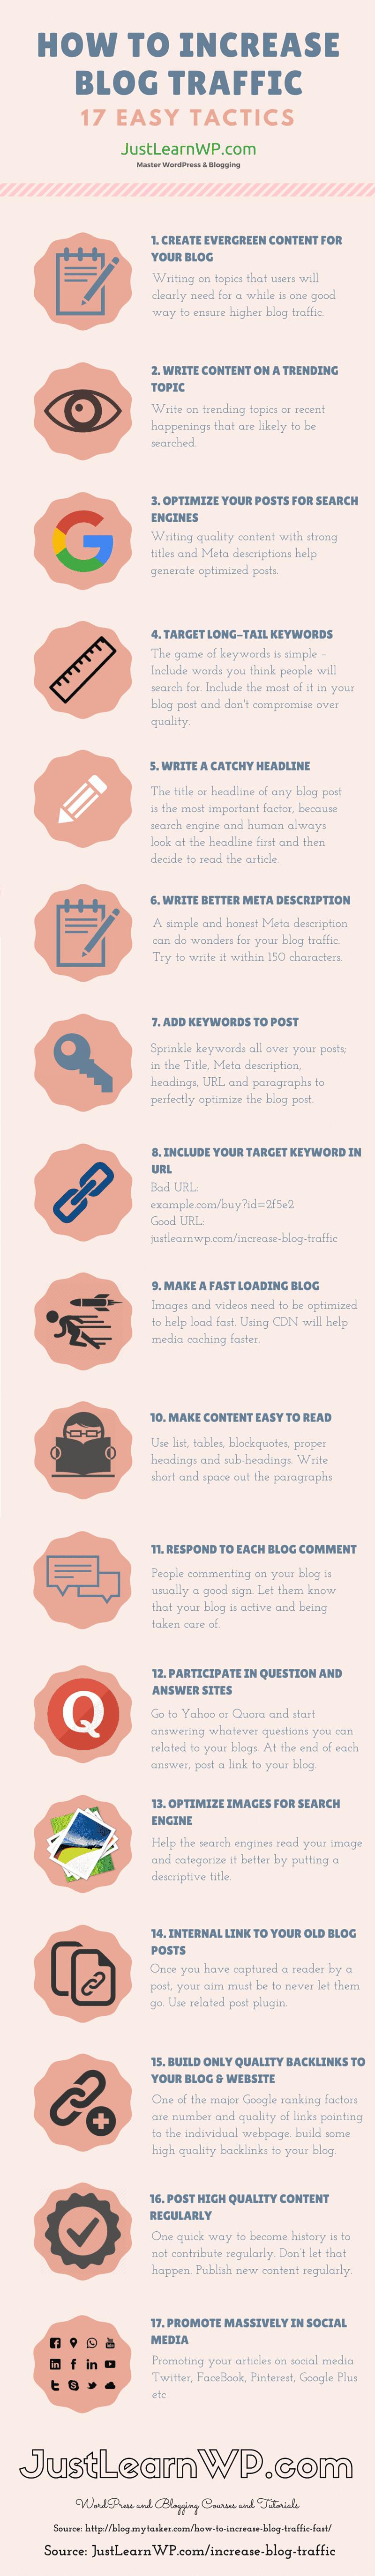 17 conseils pour augmenter le trafic de votre blog (infographie)